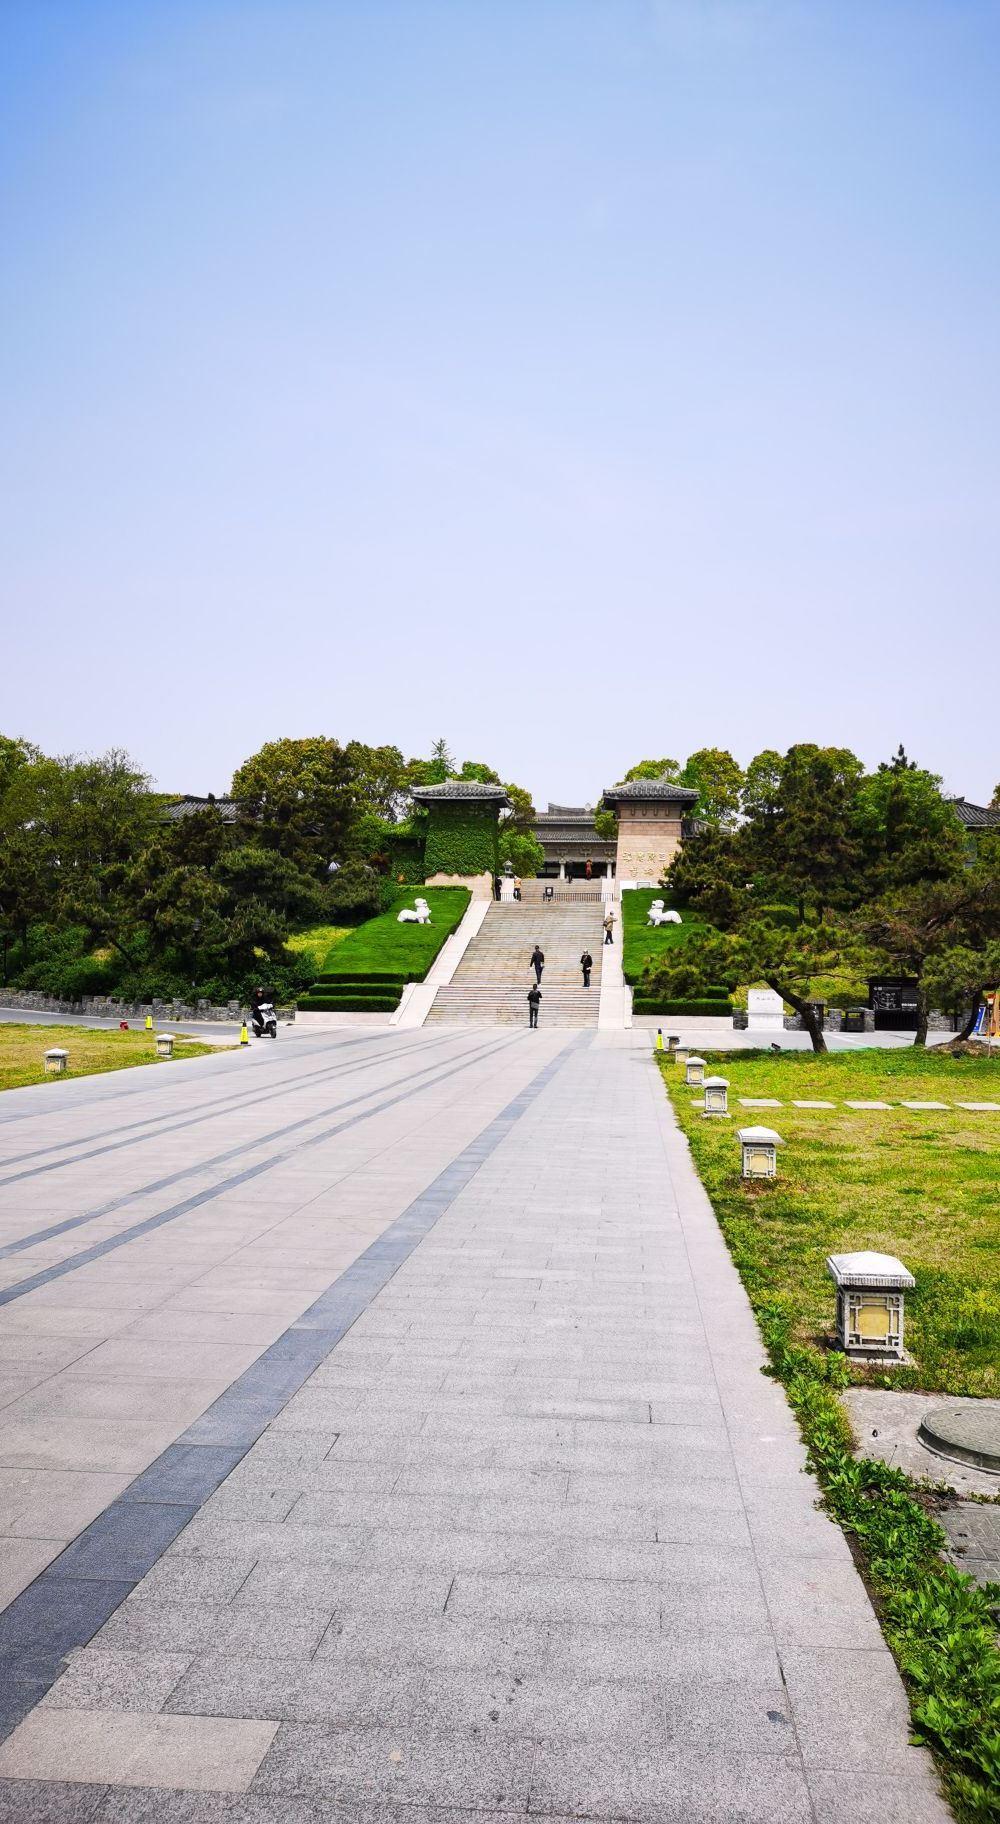 高清扬州汉广陵王墓博物馆图片 汉广陵王墓博物馆旅游景点真实照片风景